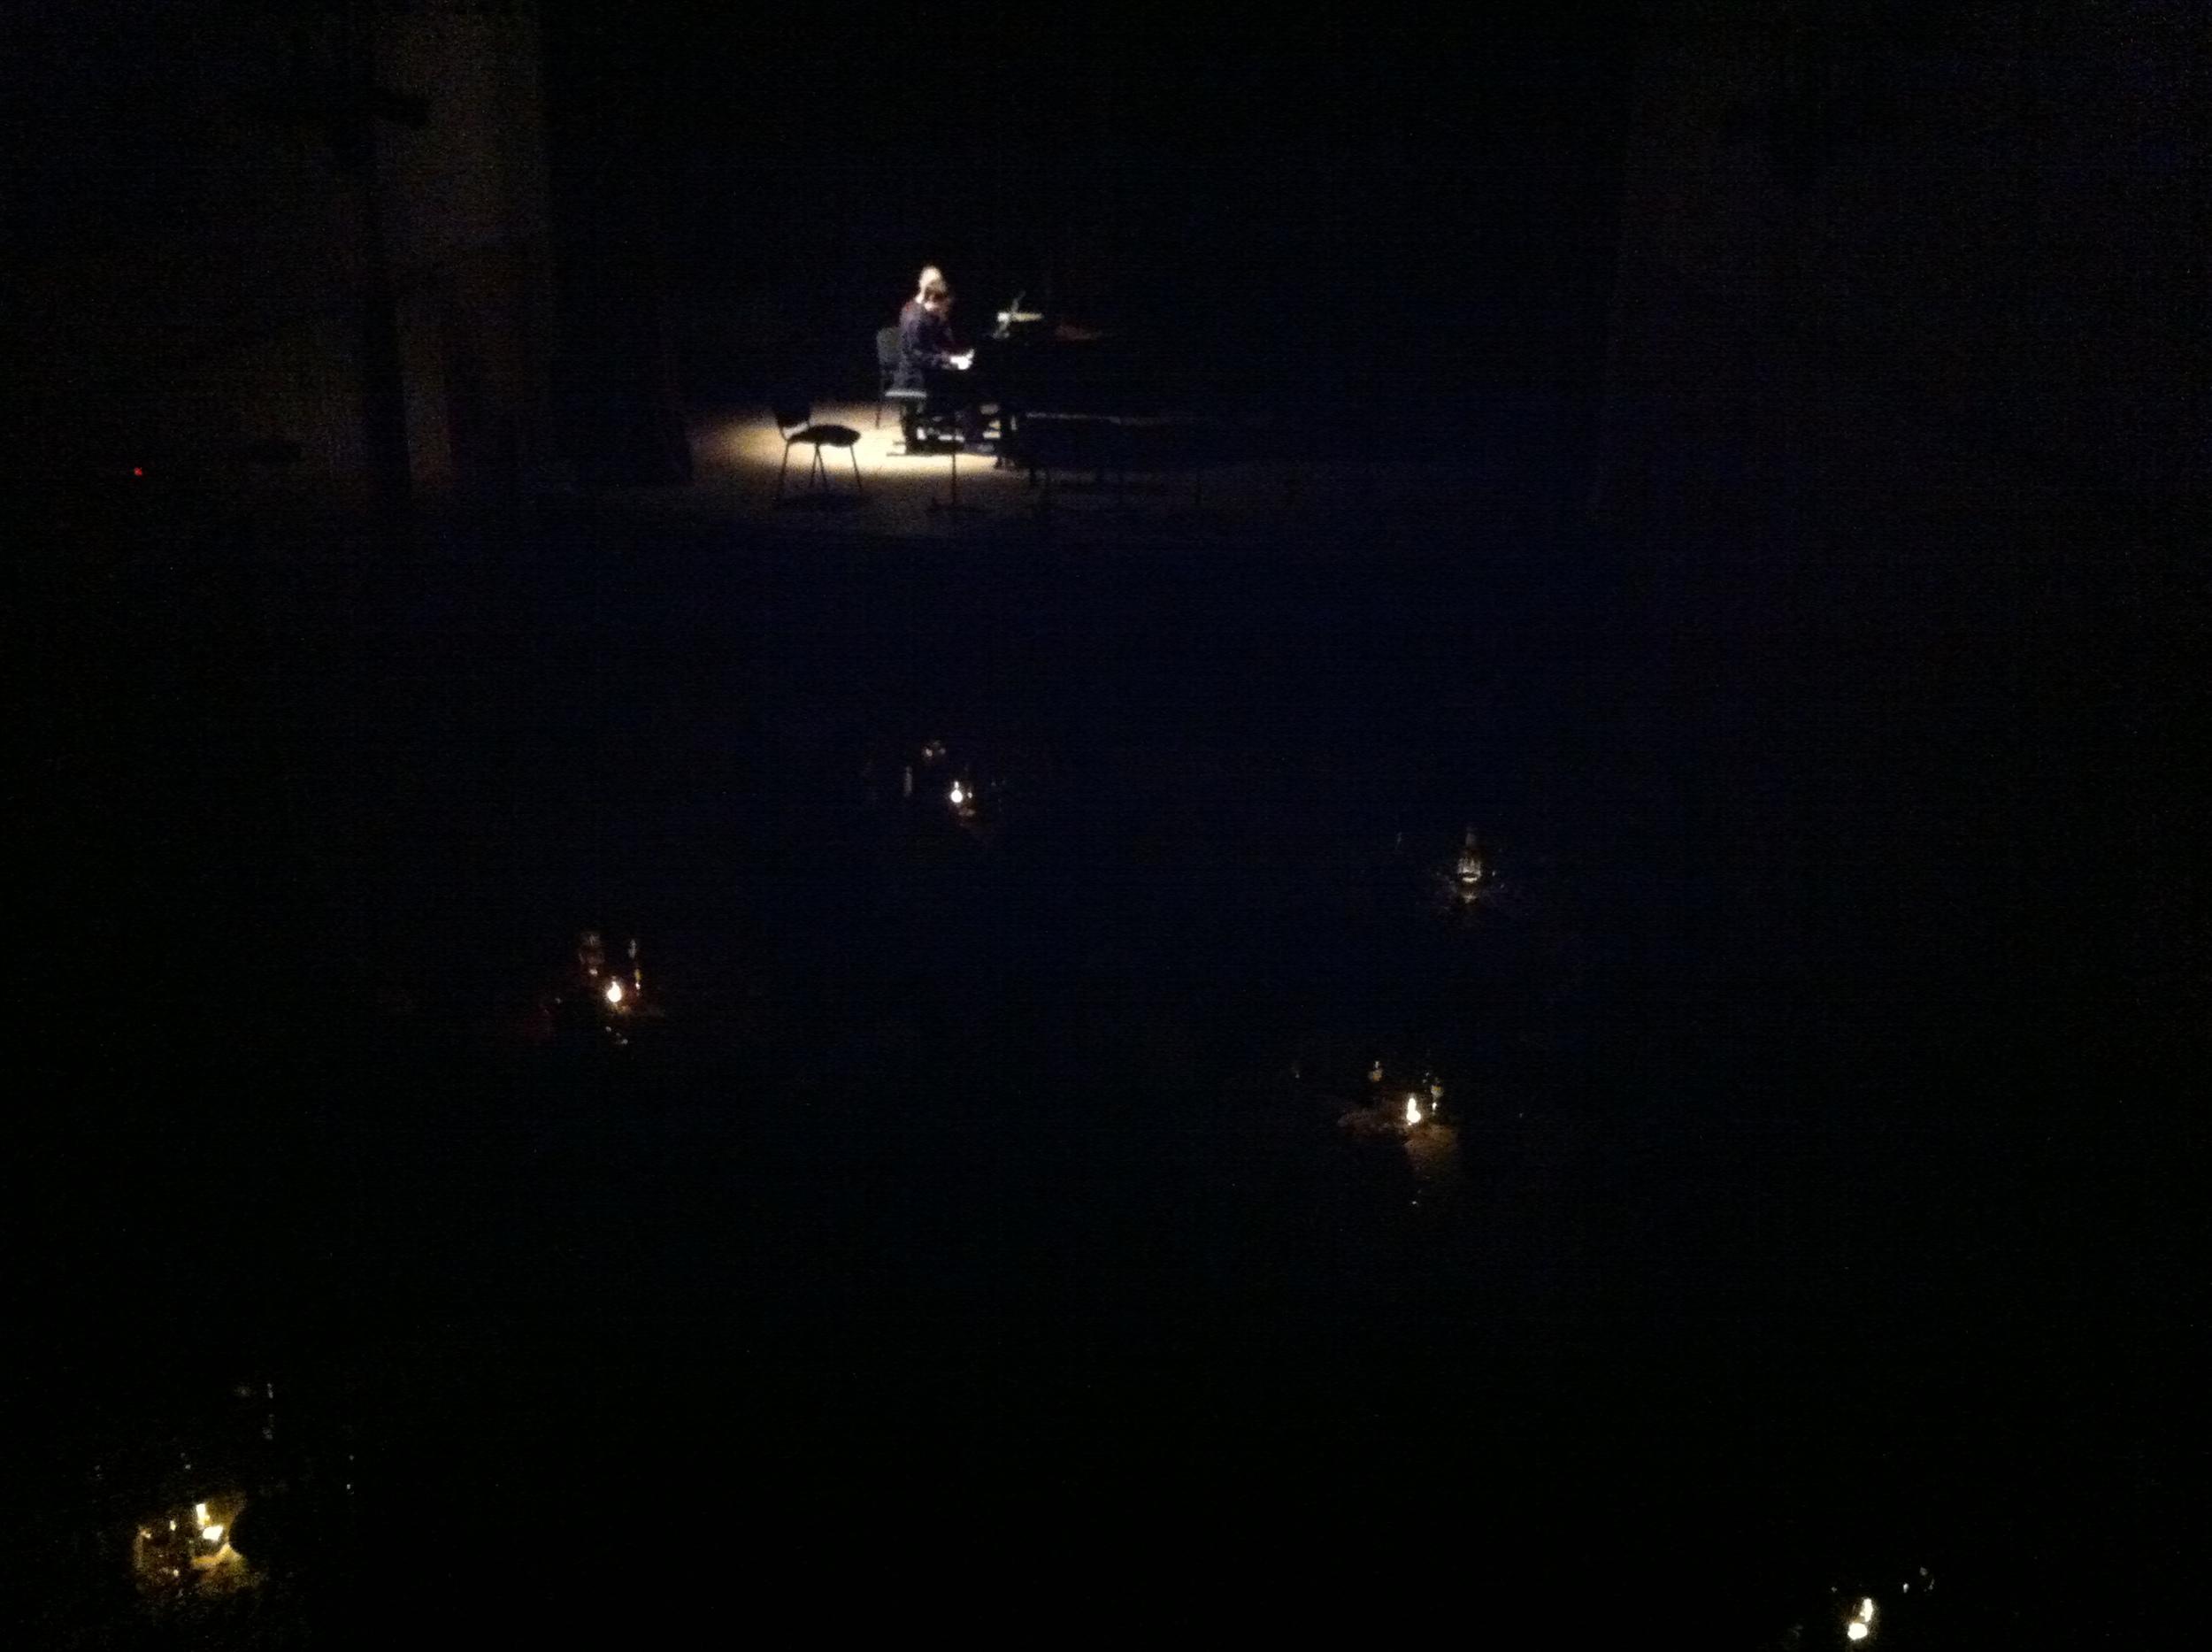 Blackout_Image